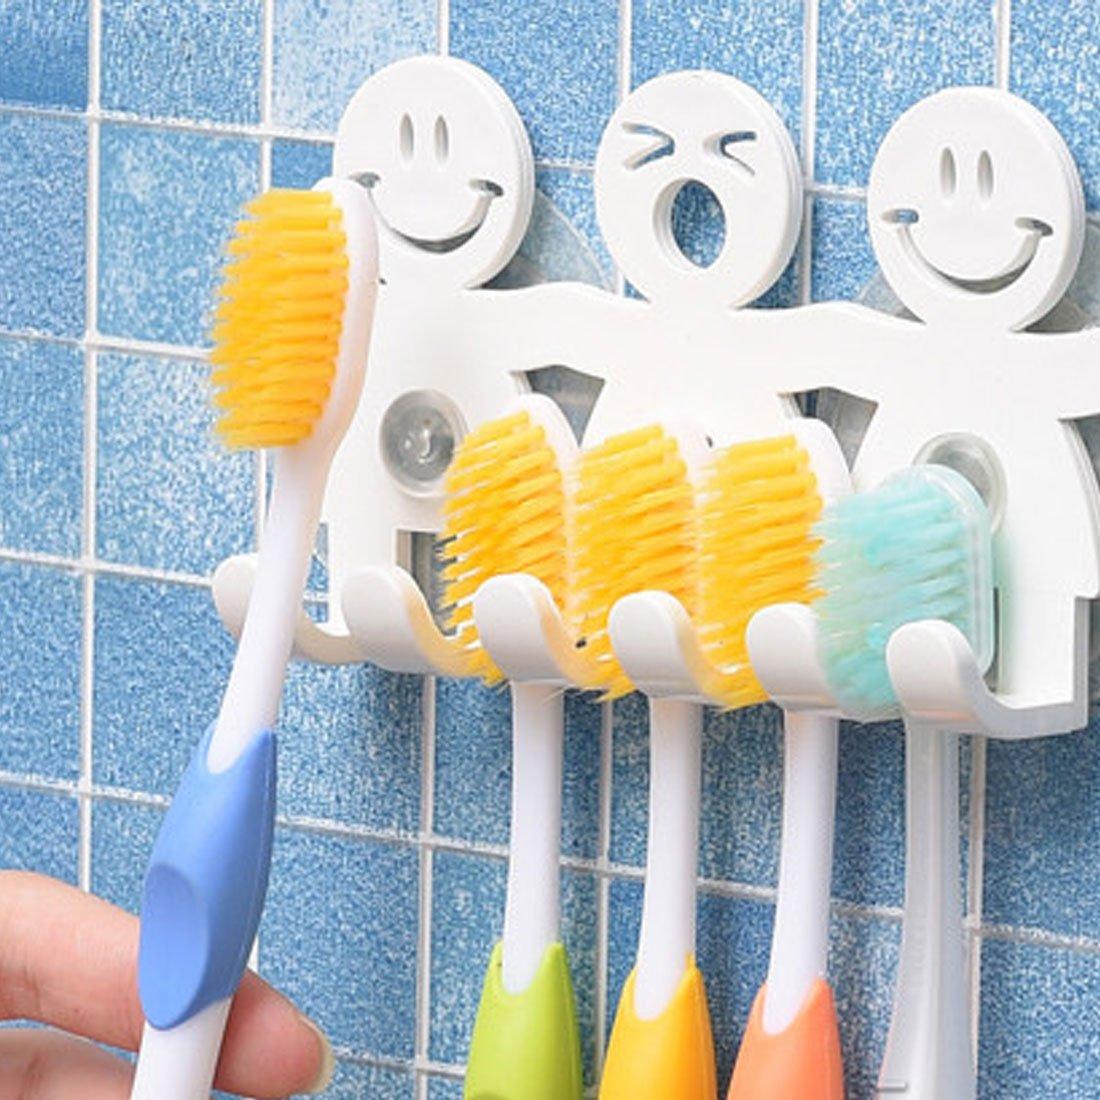 Niedliche Zahnb/ürstenhalter mit Saugnapf und witzigen Emoji-Gesichtern f/ür das Badezimmer Heimdeko.